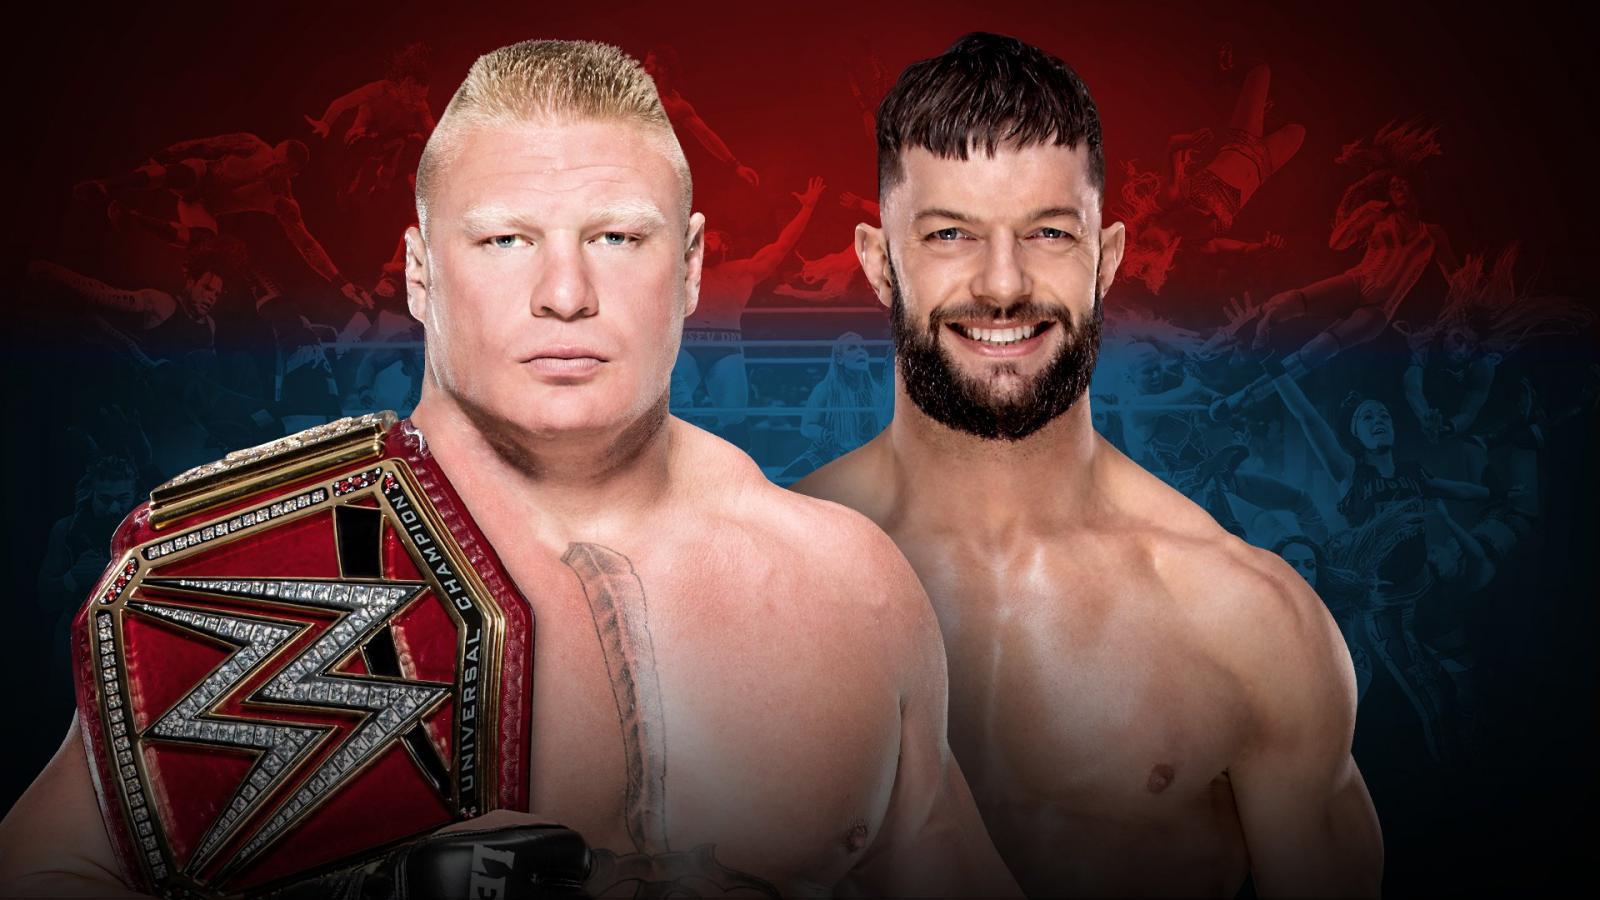 ब्रॉक लैसनर खुद चाहते थे फिन बैलर के साथ मैच, पढ़ें आज की ऐसी ही WWE से जुड़ी सभी बड़ी ख़बरें 22